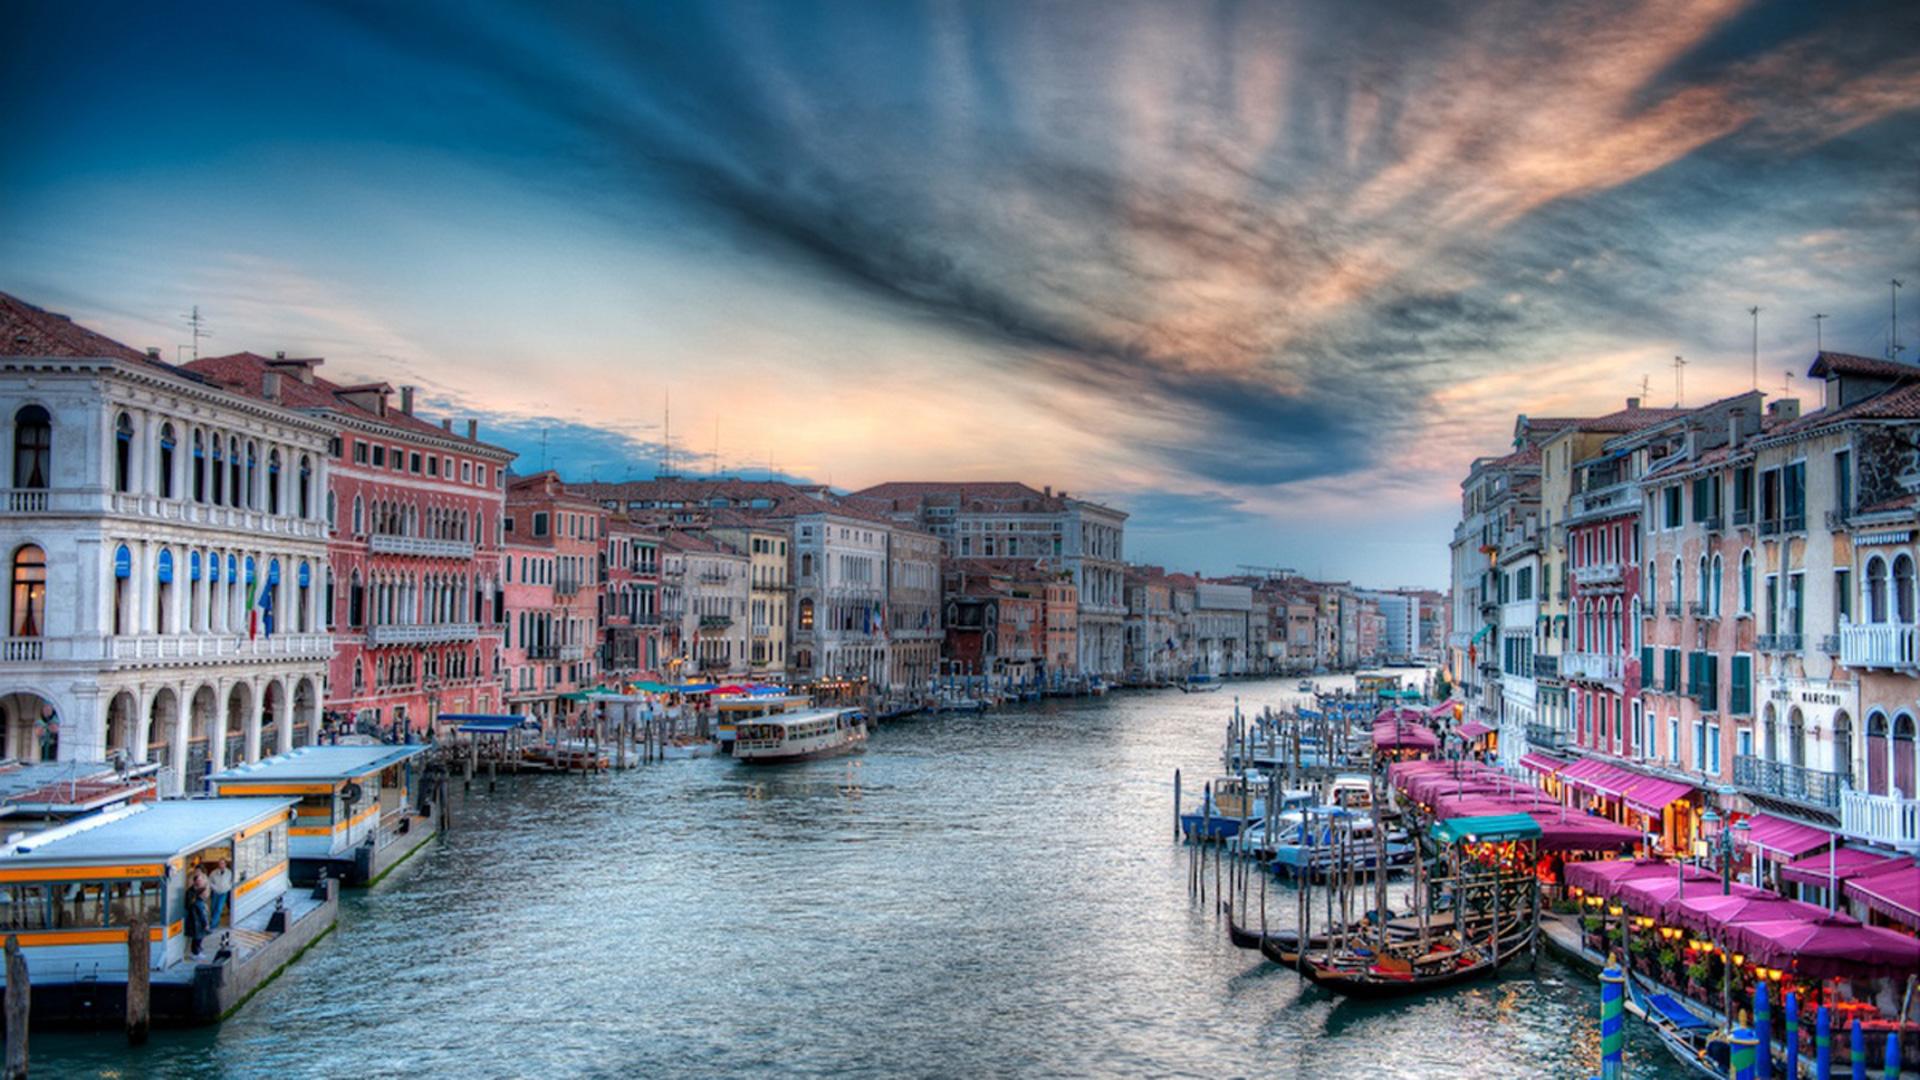 Hình nền thành phố Venice siêu đẹp